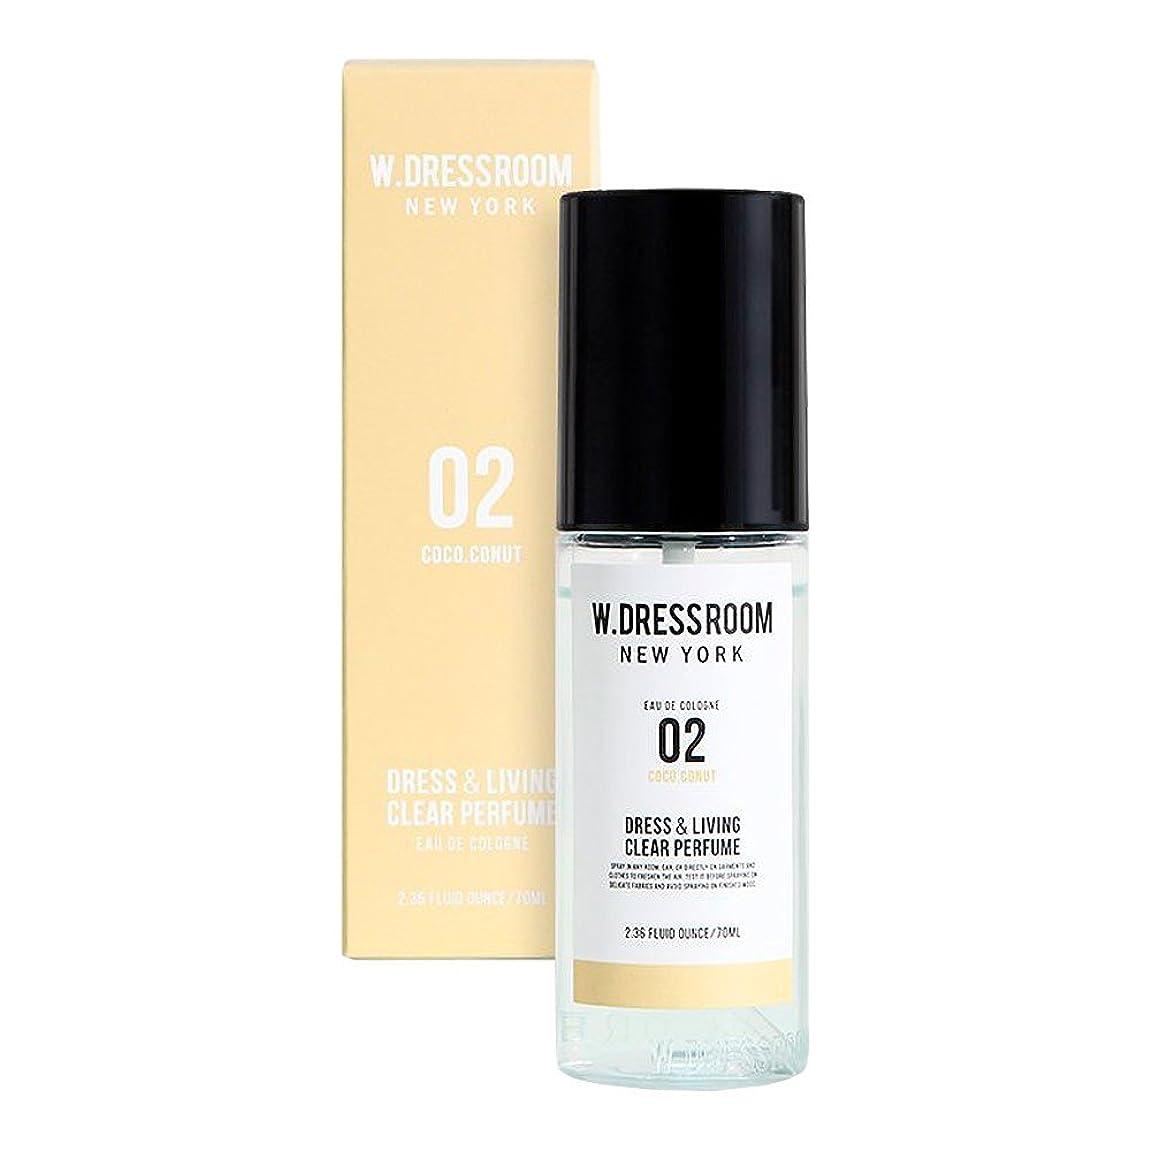 兵器庫受け入れる防水W.DRESSROOM Dress & Living Clear Perfume fragrance 70ml (#No.02 Coco Conut) /ダブルドレスルーム ドレス&リビング クリア パフューム 70ml (#No.02 Coco Conut)